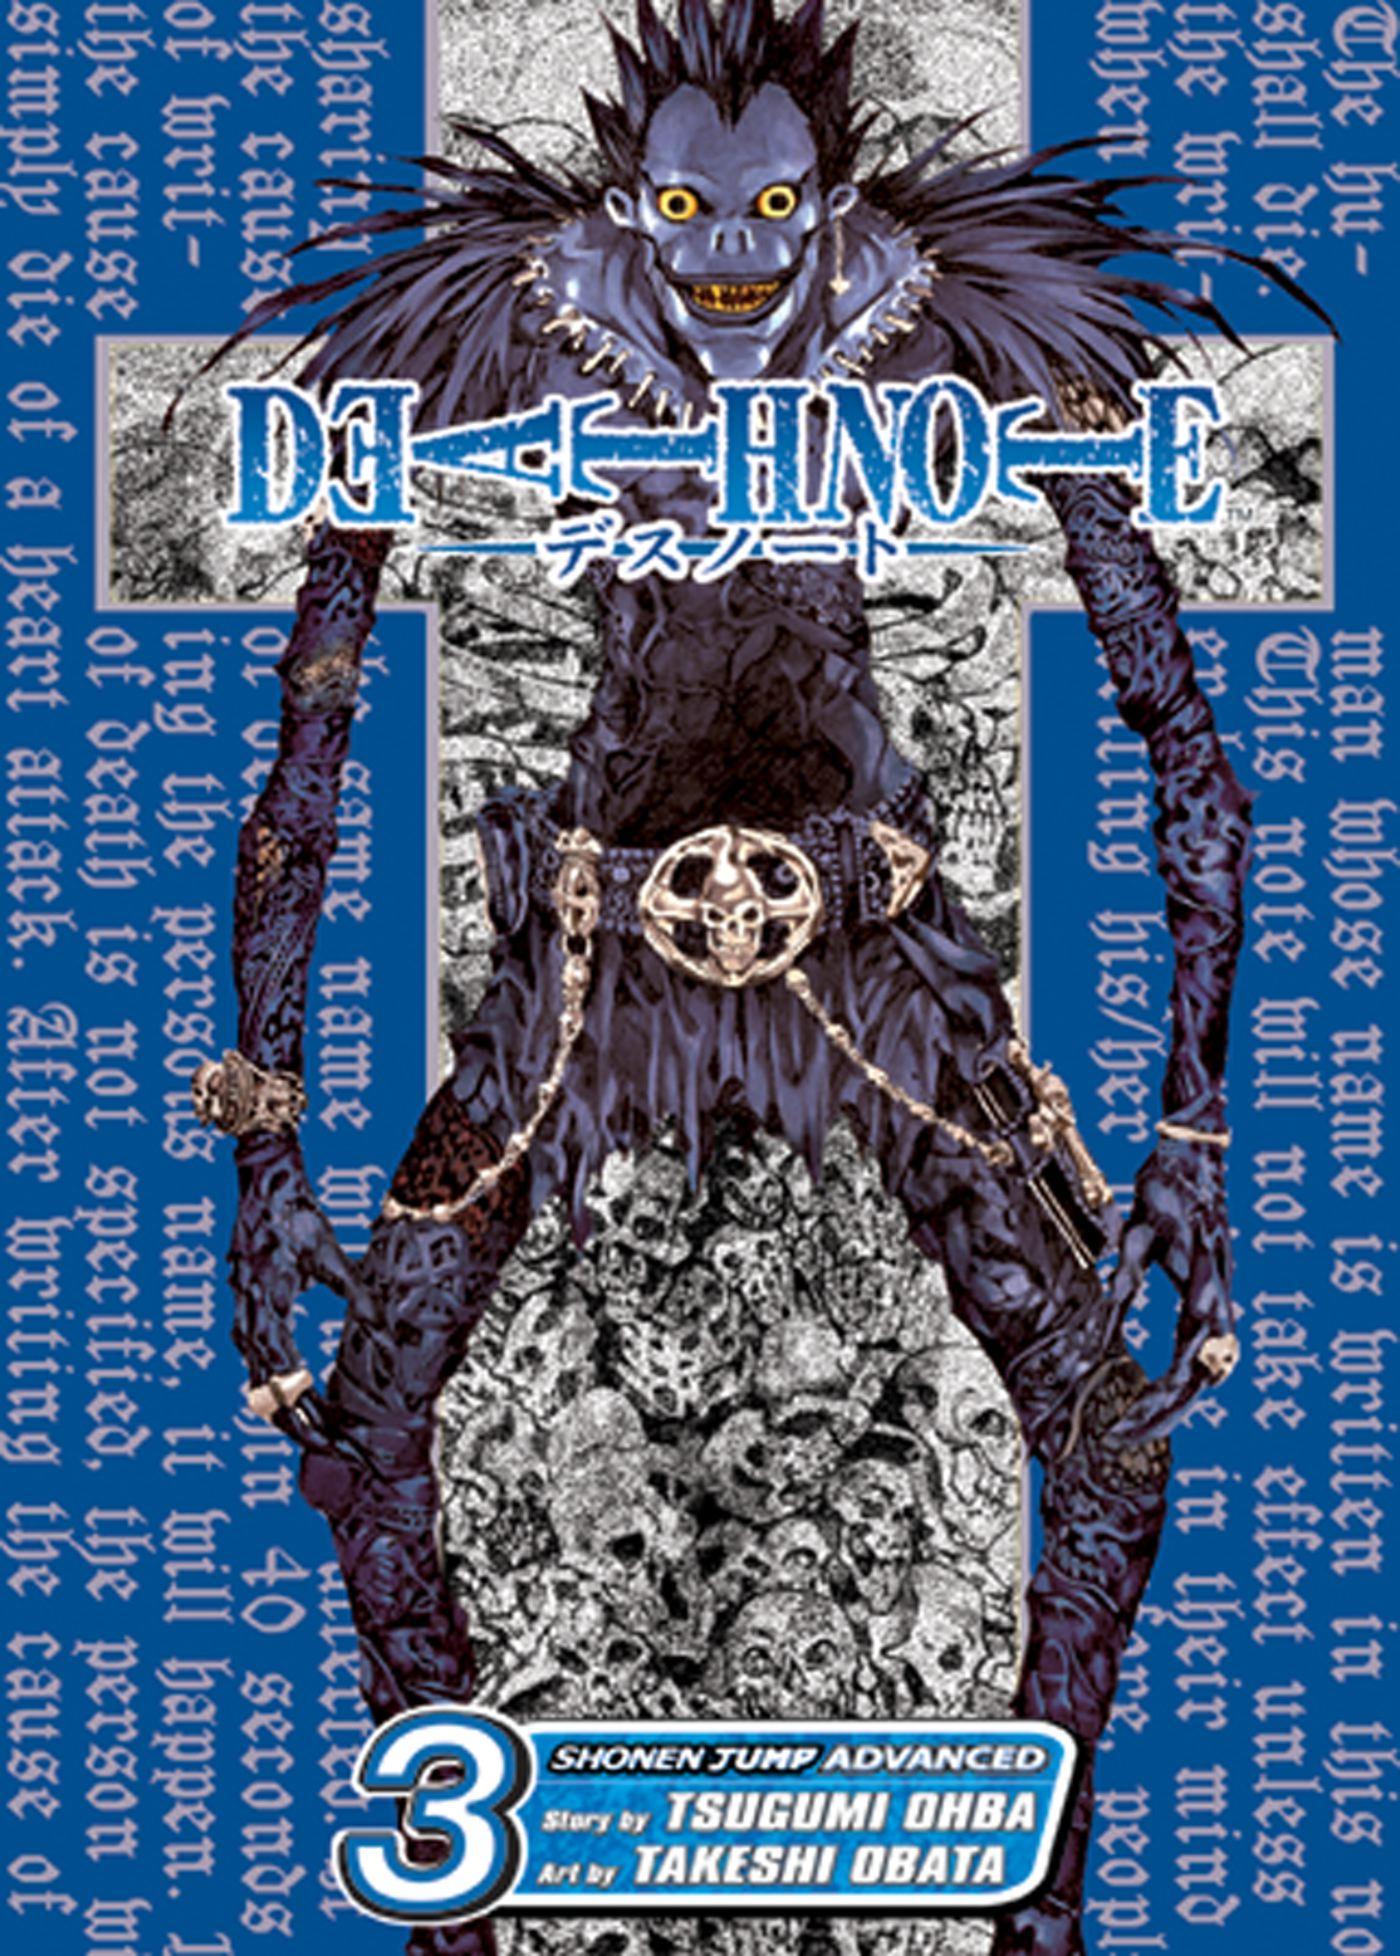 Death note vol 3 9781421501703 hr